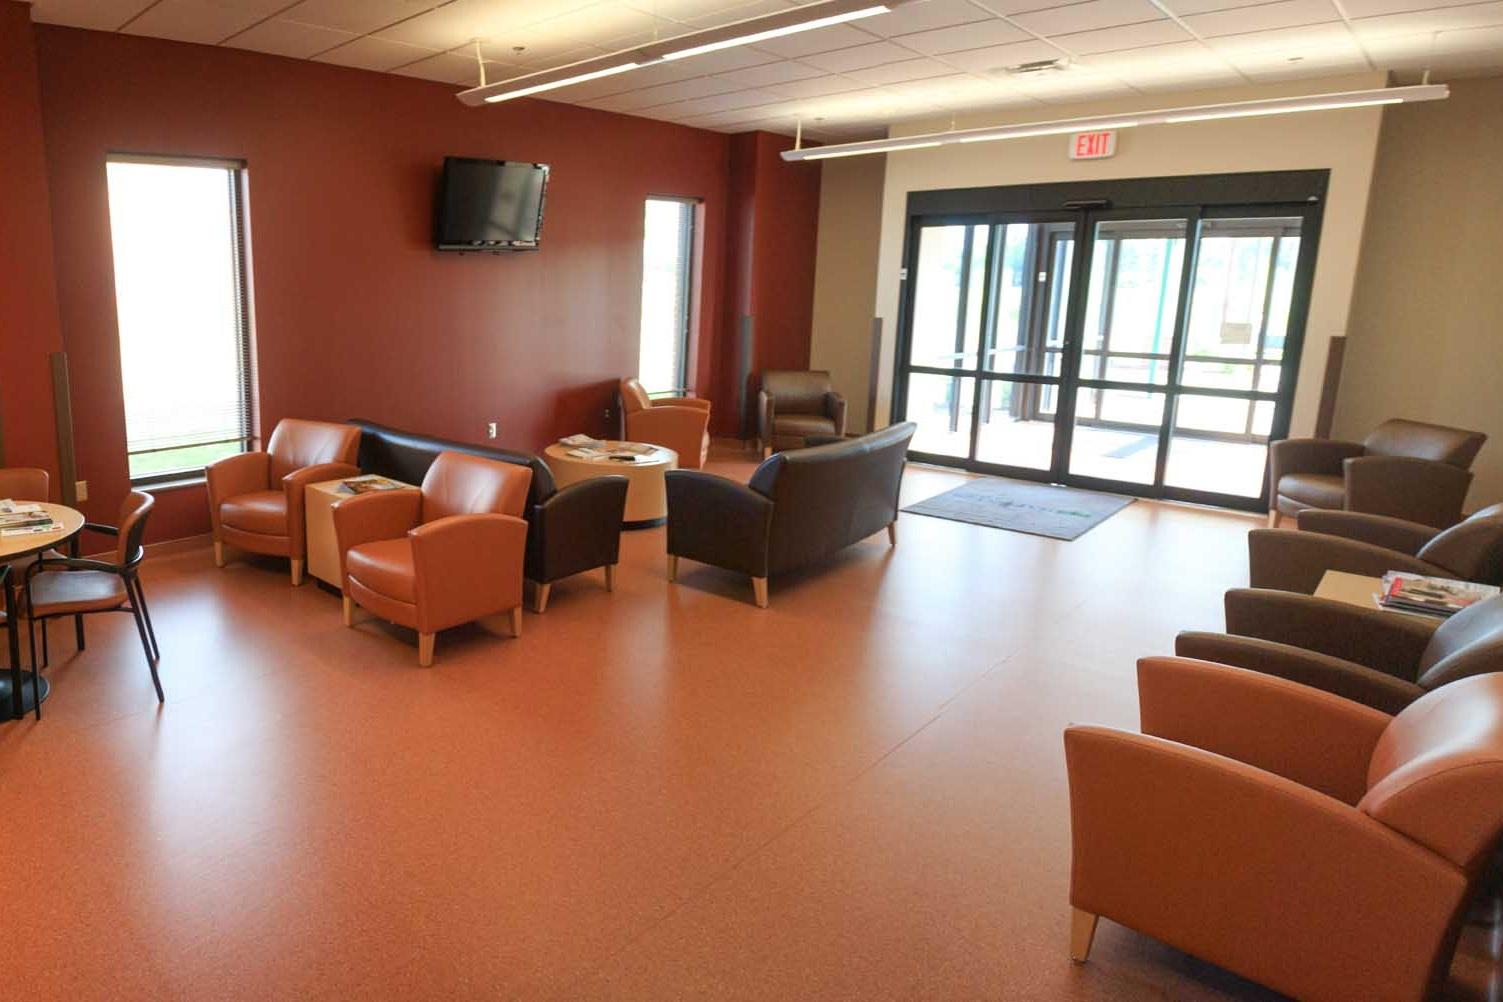 NEA-Baptist_Dialysis-Clinic_05.jpg